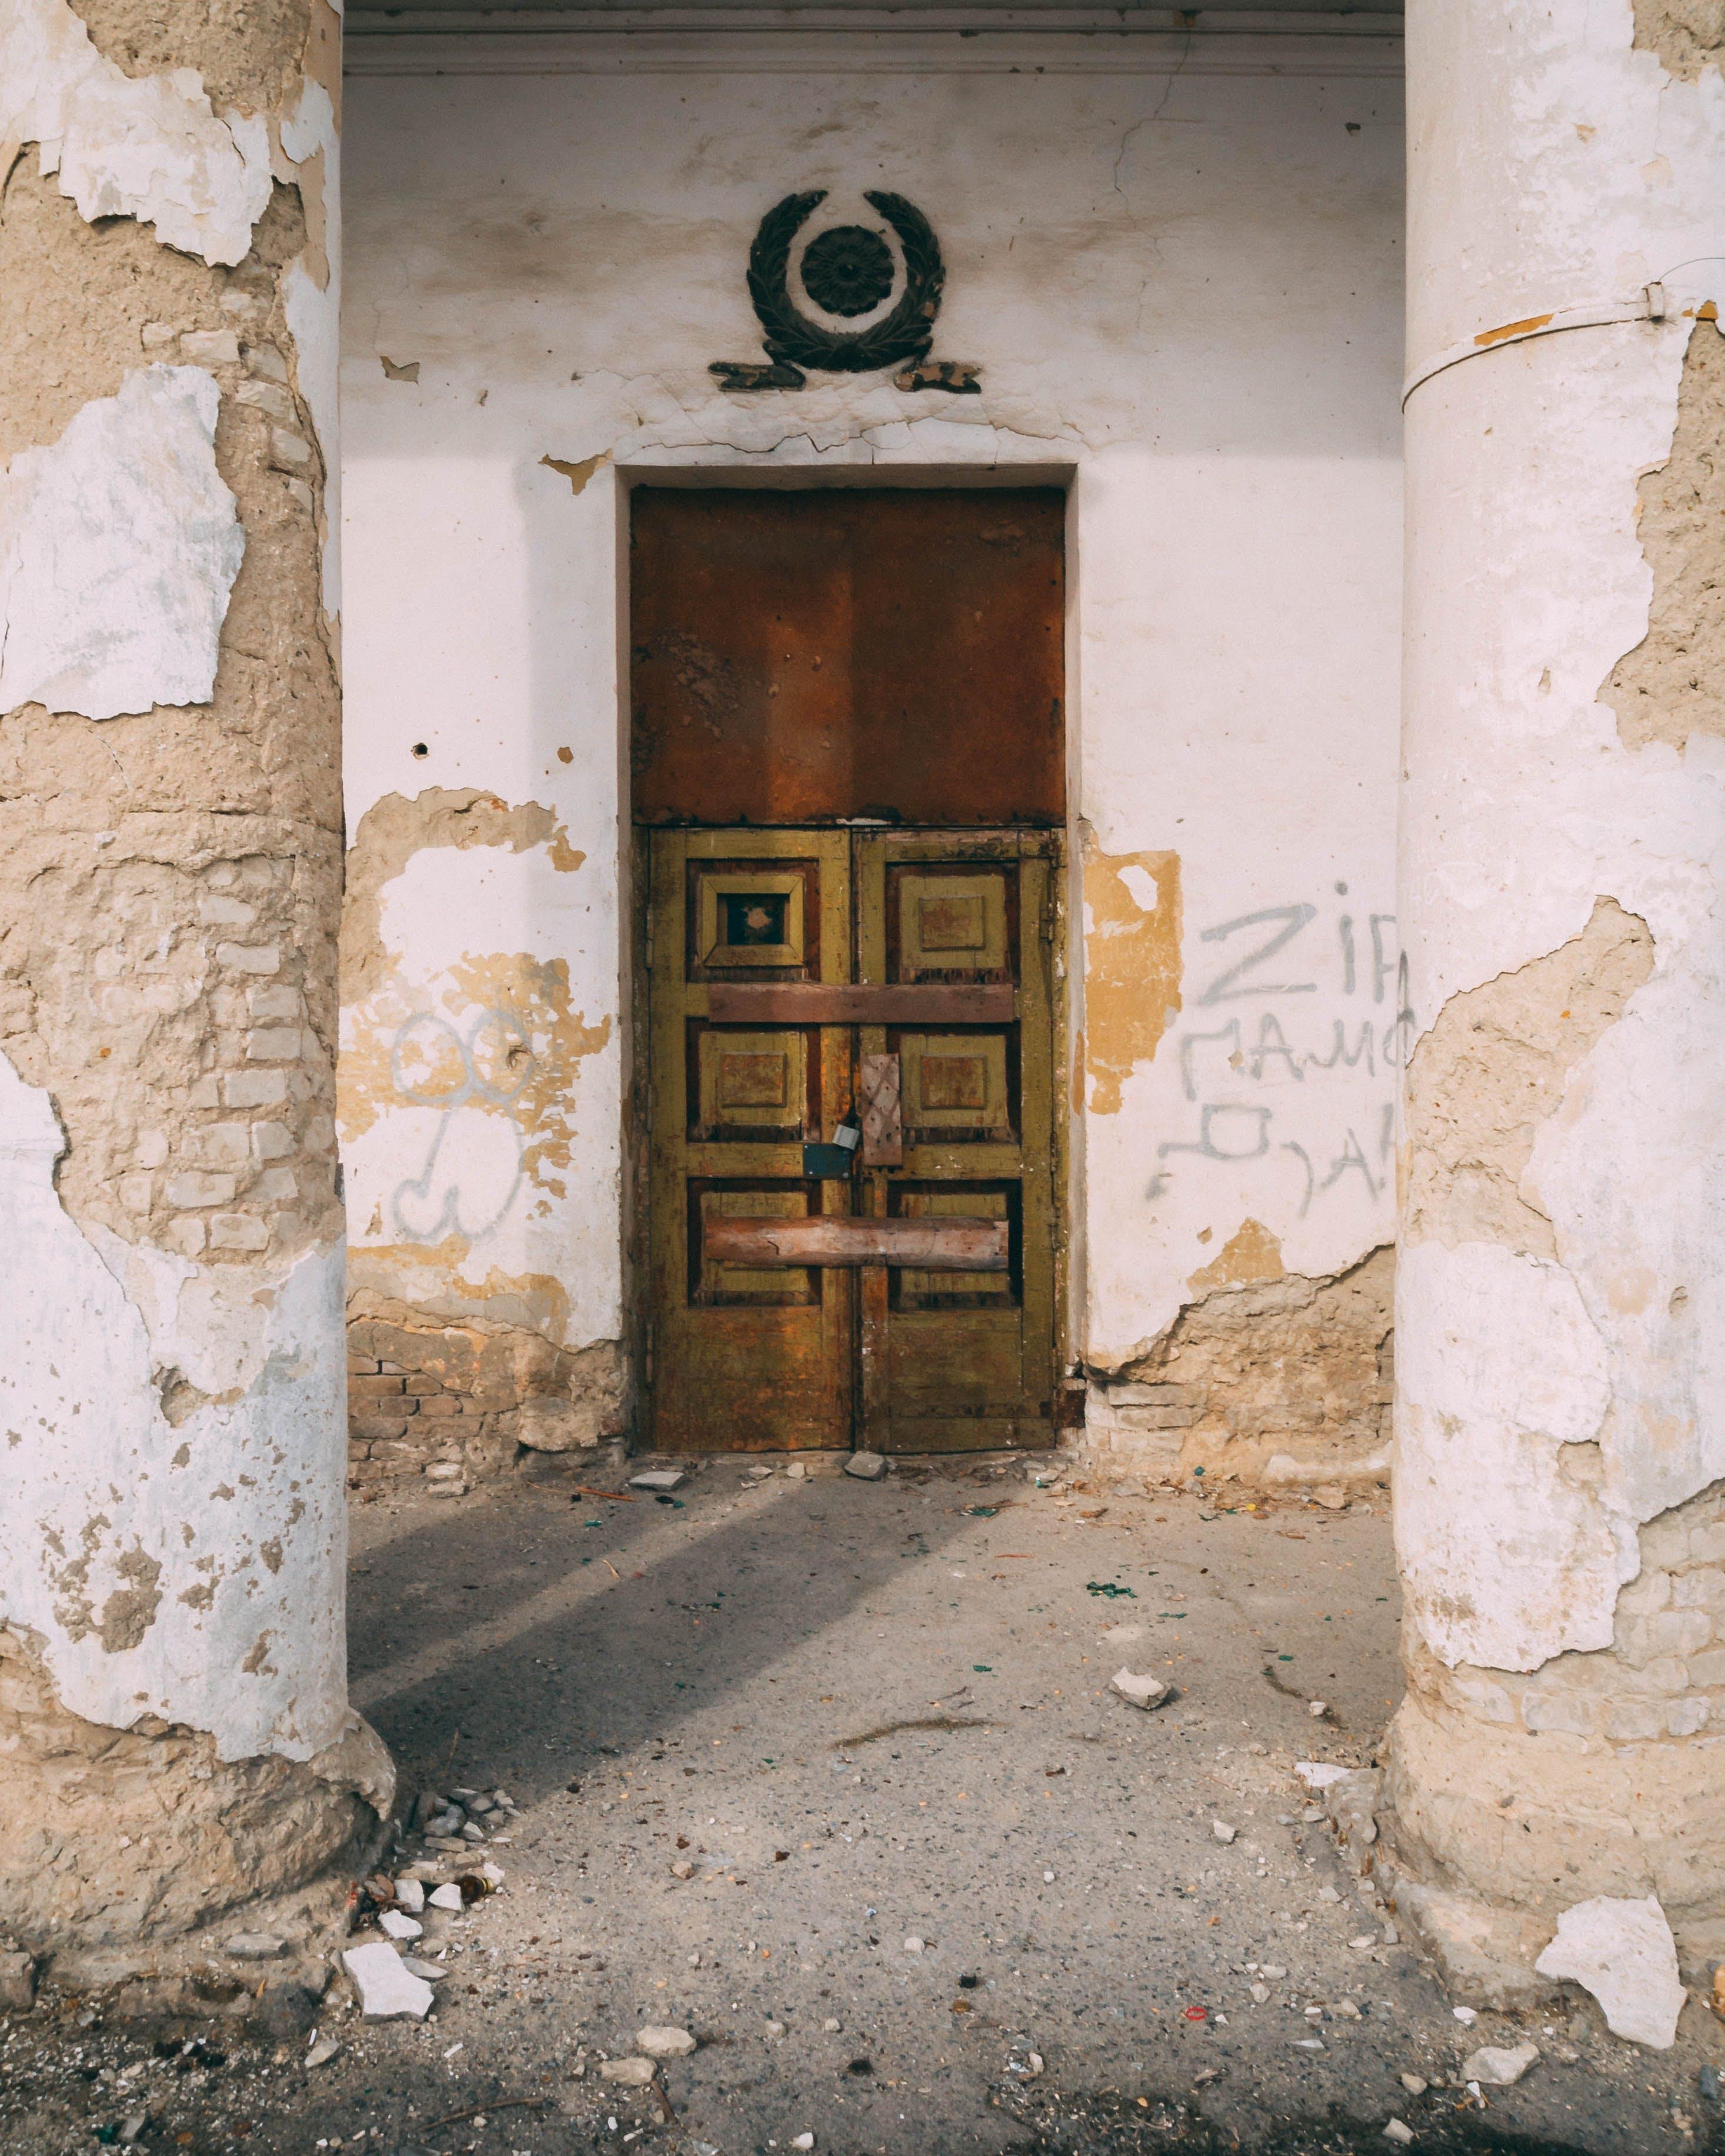 Kostenloses Stock Foto zu alt, antik, architektur, dreckig